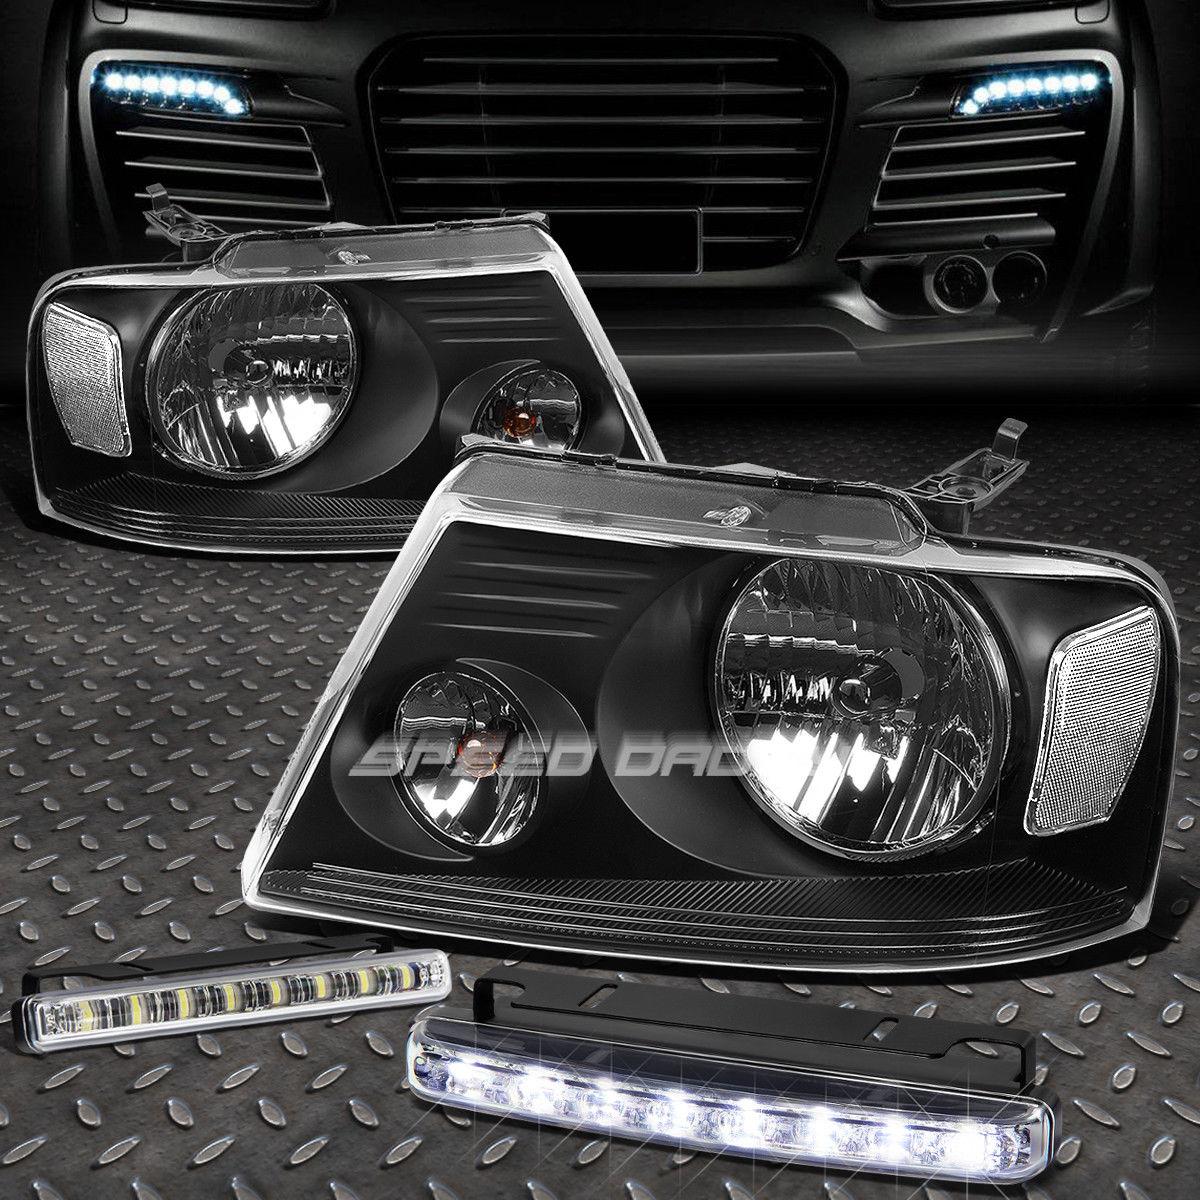 フォグライト BLACK HOUSING HEADLIGHT CLEAR CORNER+8 LED GRILL FOG LIGHT FOR 04-08 F150 ブラックハウジングヘッドライトクリアコーナー+ 8-8グリルフォグライト04-08 F150用